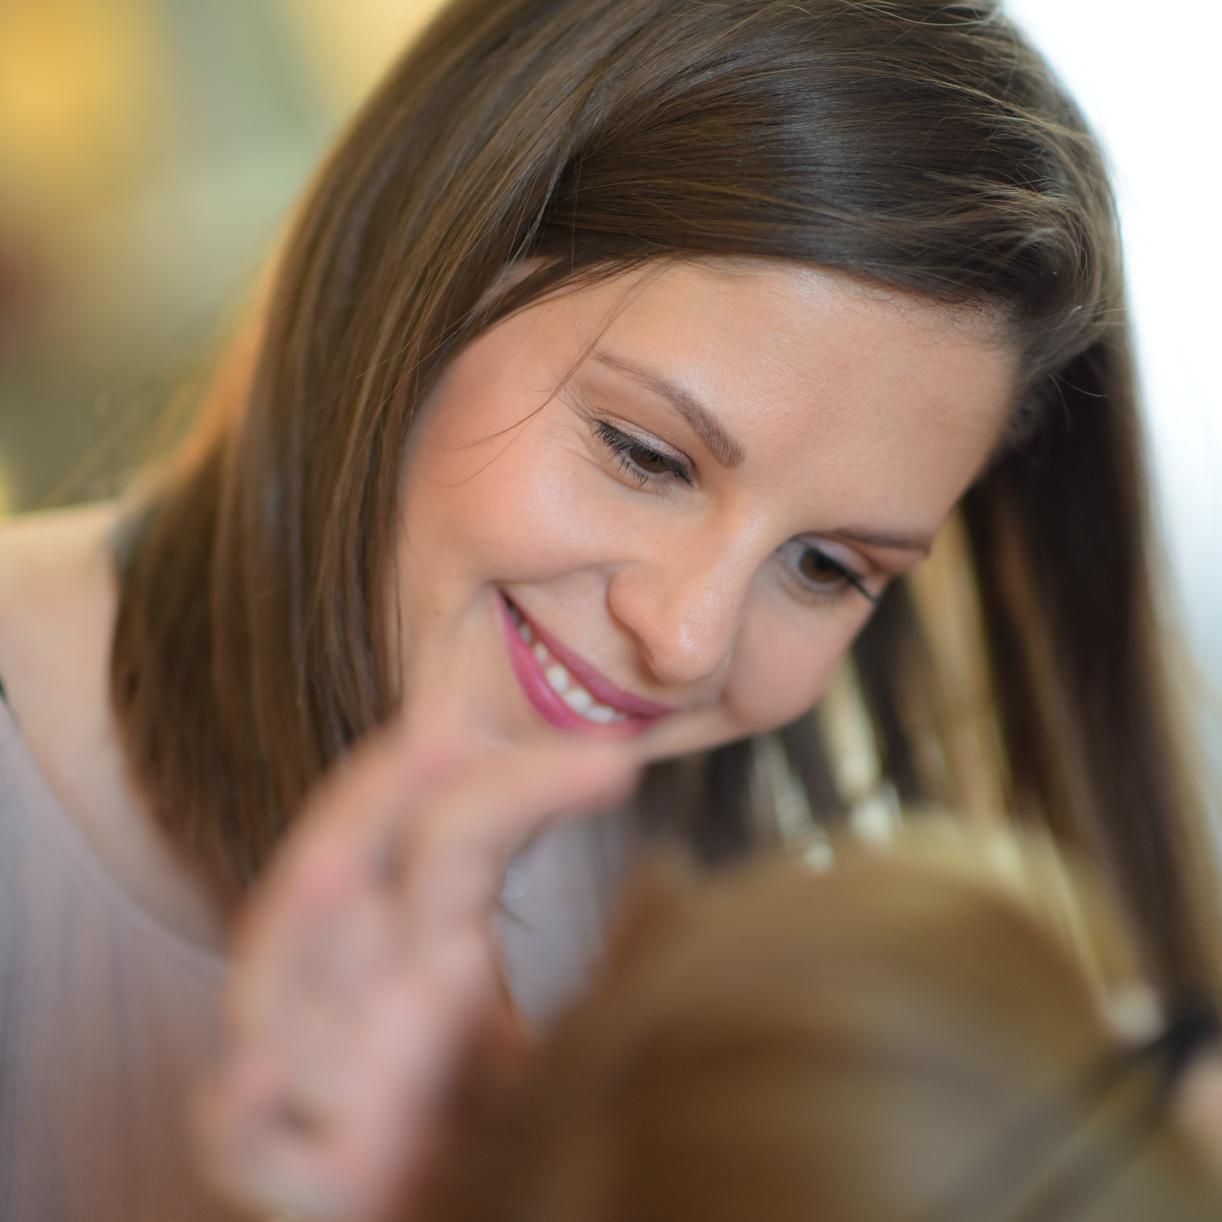 Tamara Beck - ...ist professionelle Visagistin, Hairstylerin und Nagelpflegerin in Liebefeld/Bern. Sie sorgt dafür, dass meine Workshop-Models immer TOP aussehen und hat immer ein Lächeln auf der Lippe :-)Ihr Spezialgebiet sind Beauty- und Braut-Stylings.www.tbmakeupartist.ch